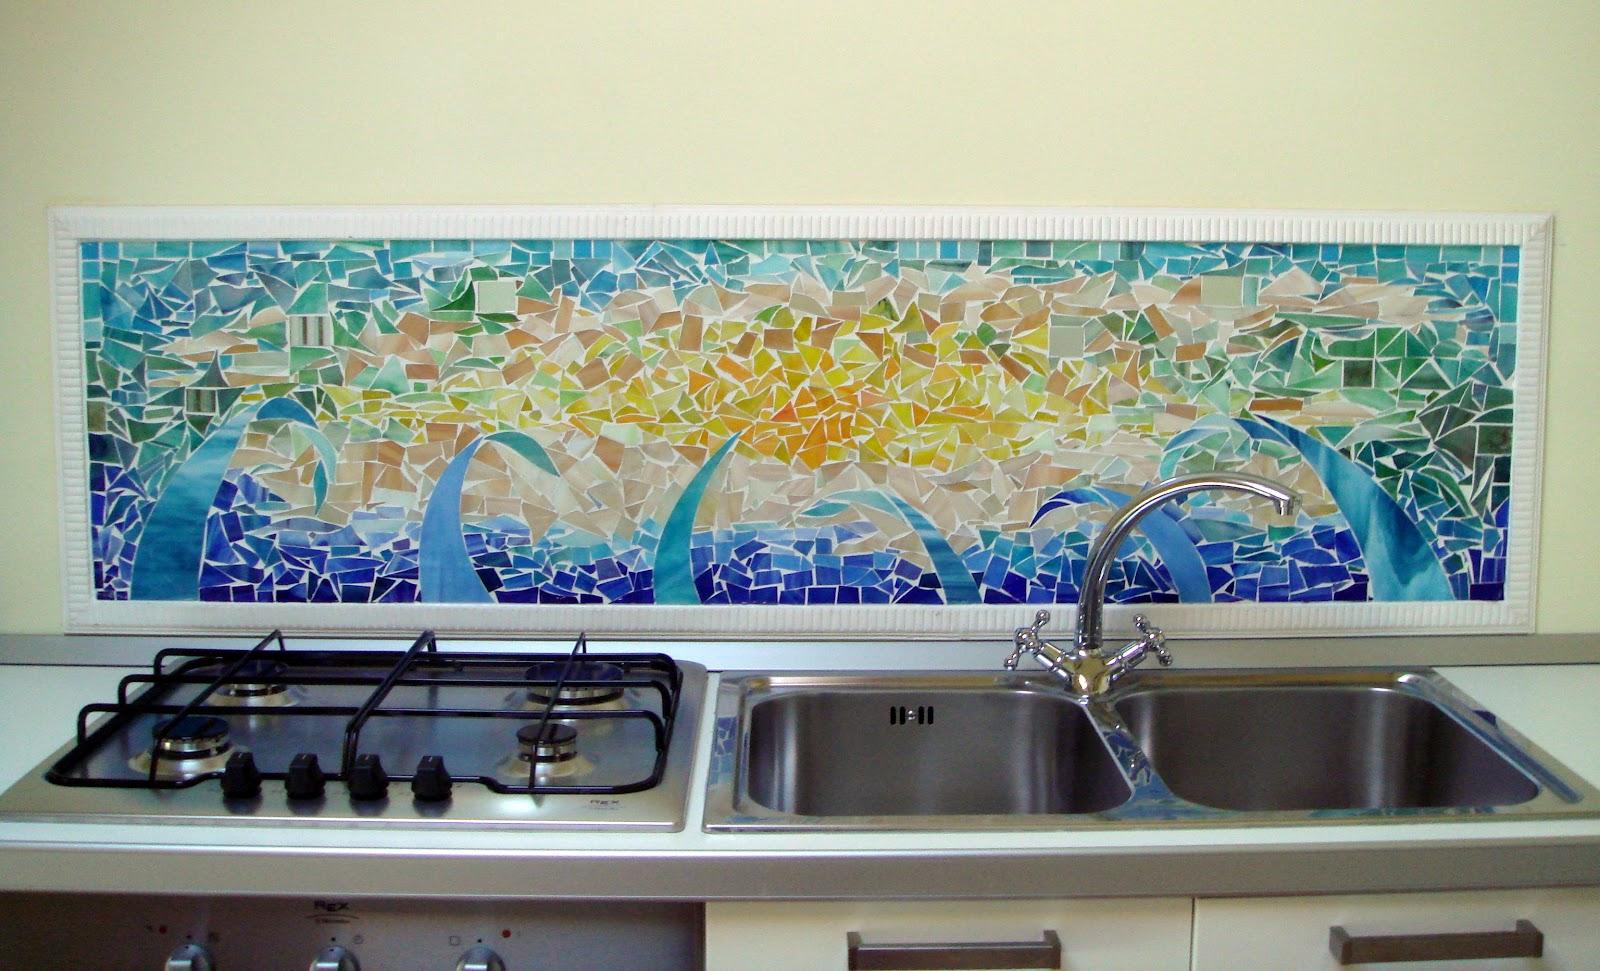 Archi tetti il mosaico di vetro for Mosaico adesivo per cucina